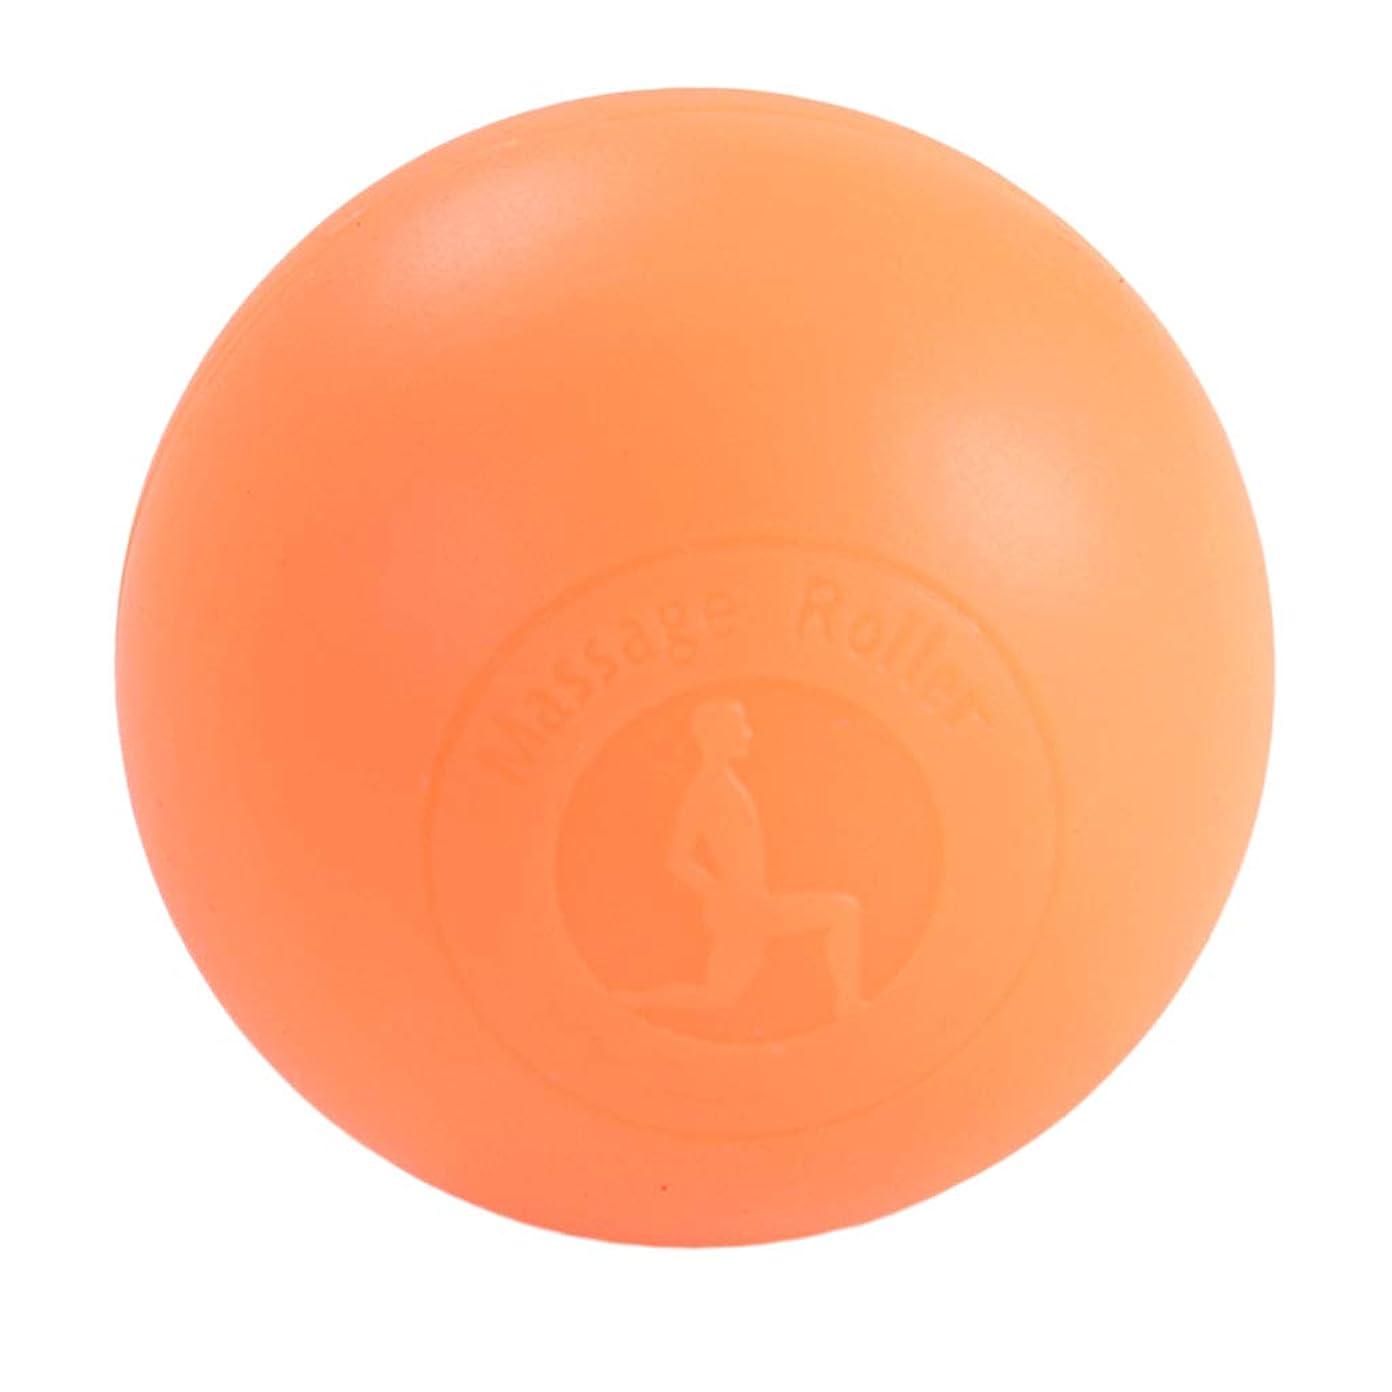 女性眩惑するトランスペアレントFenteer マッサージボール ボディーマッサージ 2色選べ - オレンジ